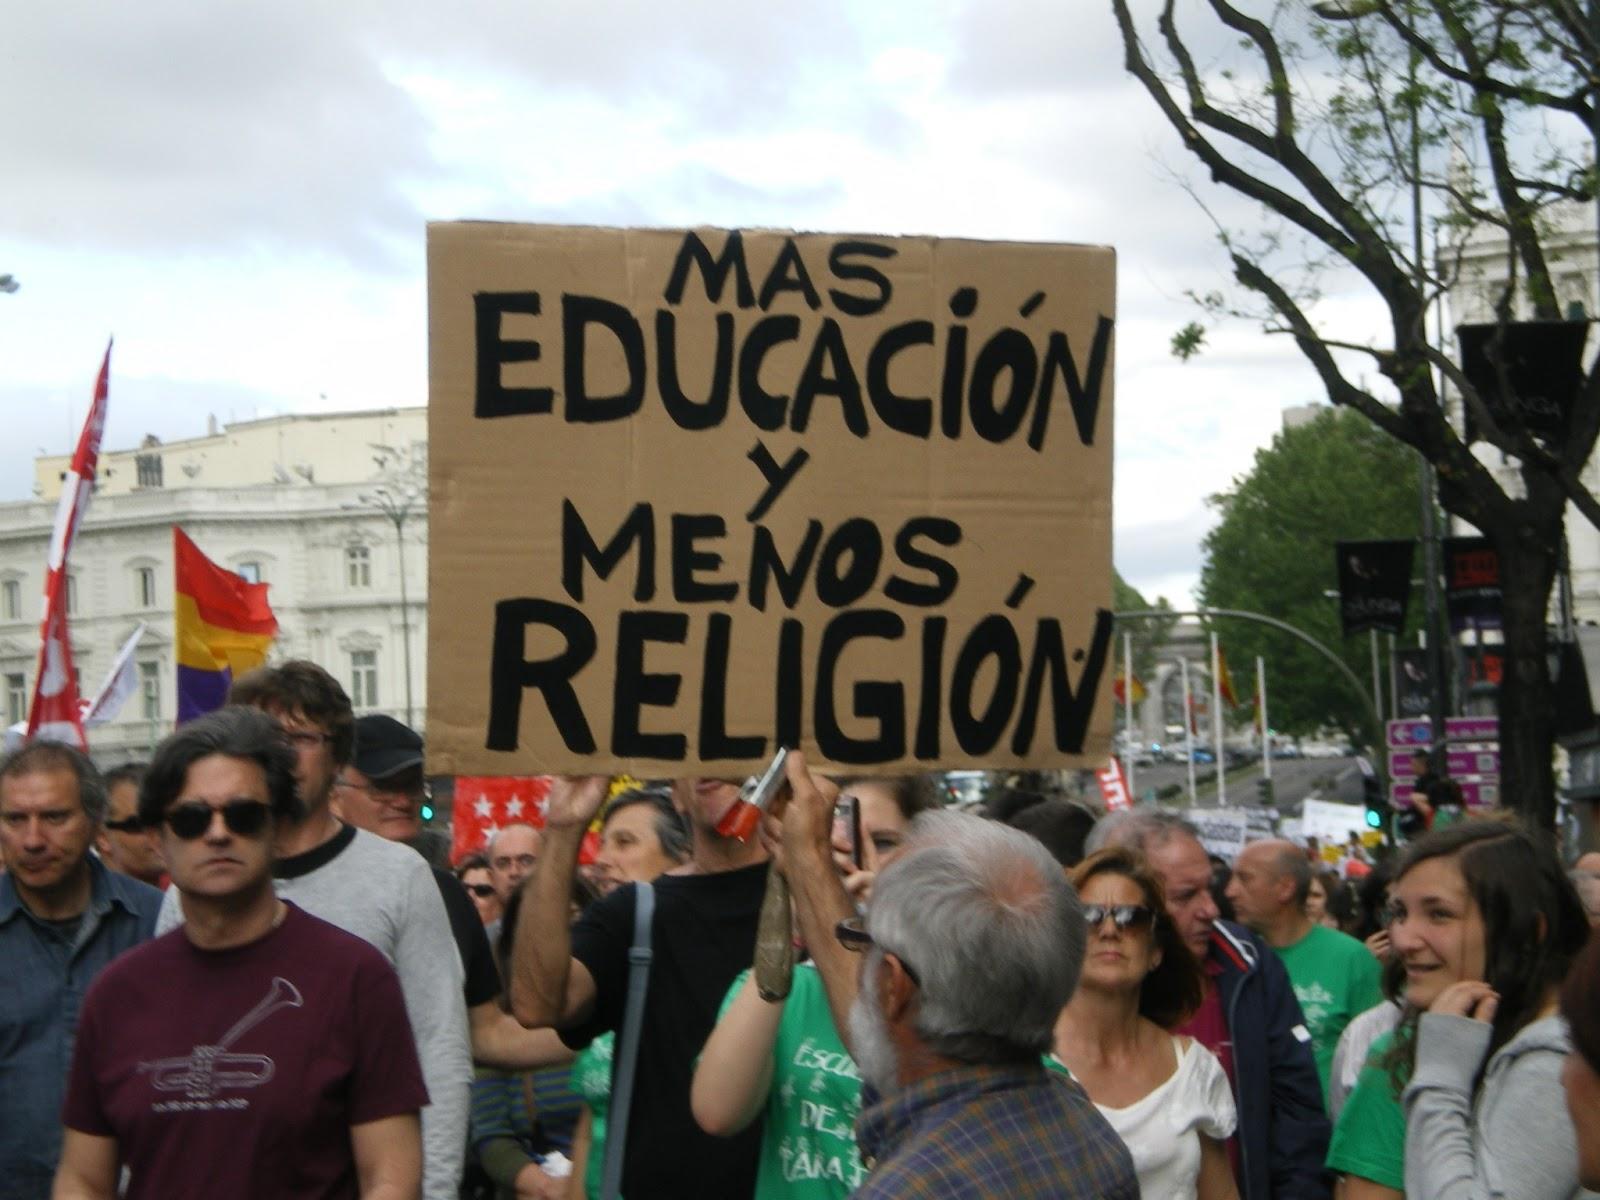 mas educacion y menos religion